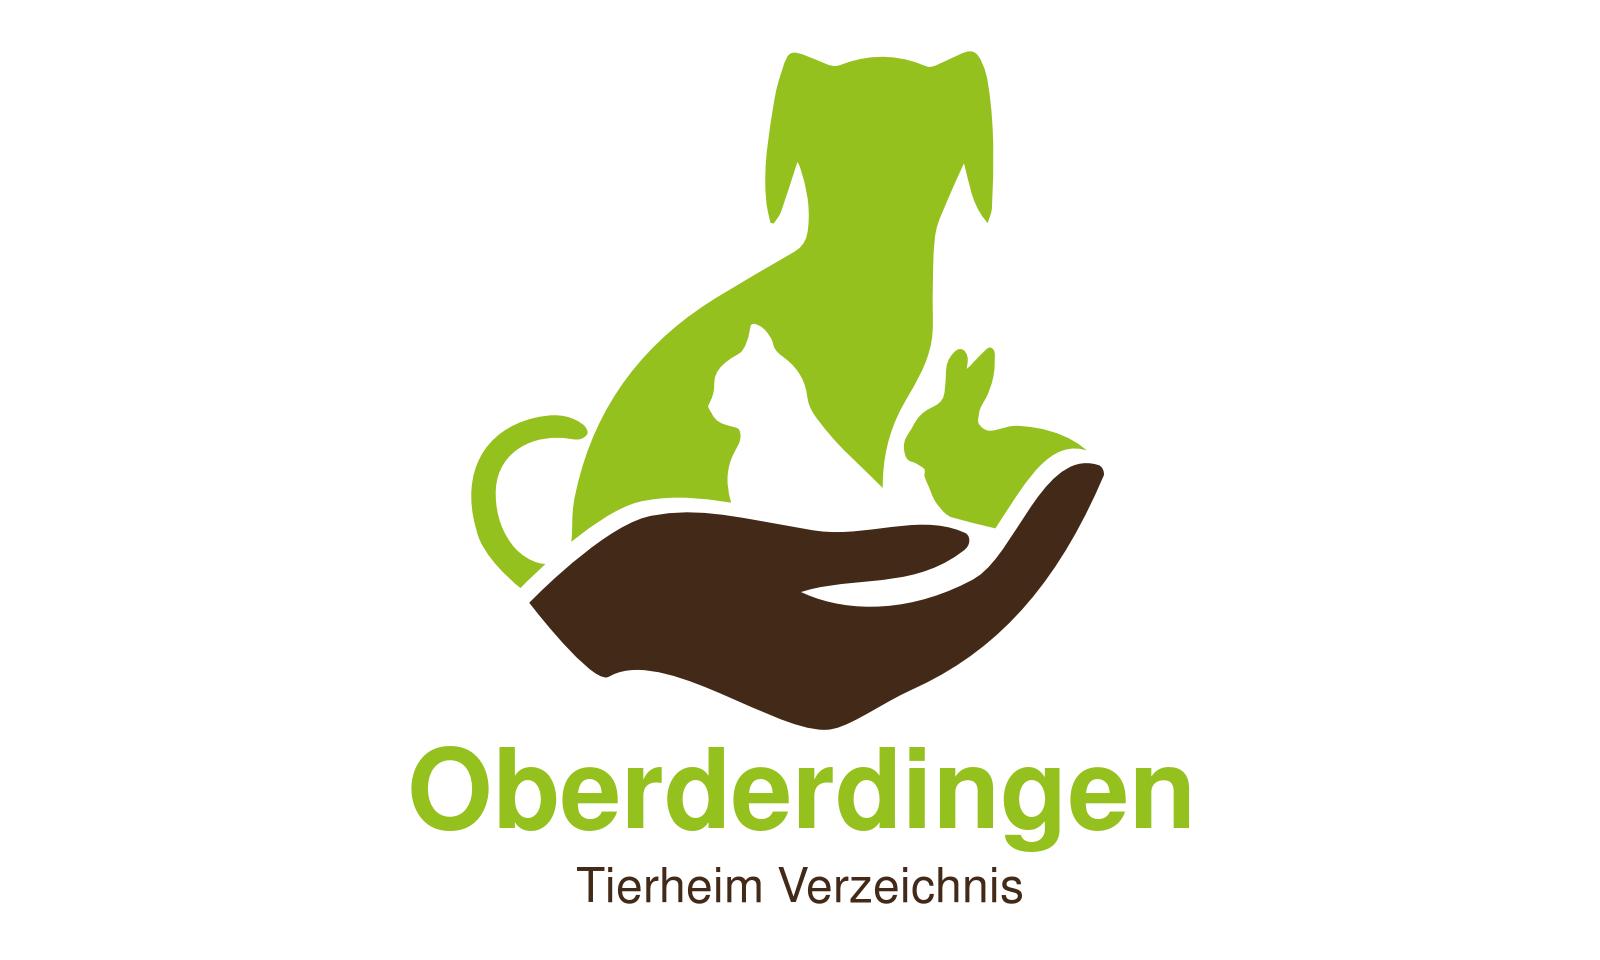 Tierheim Oberderdingen